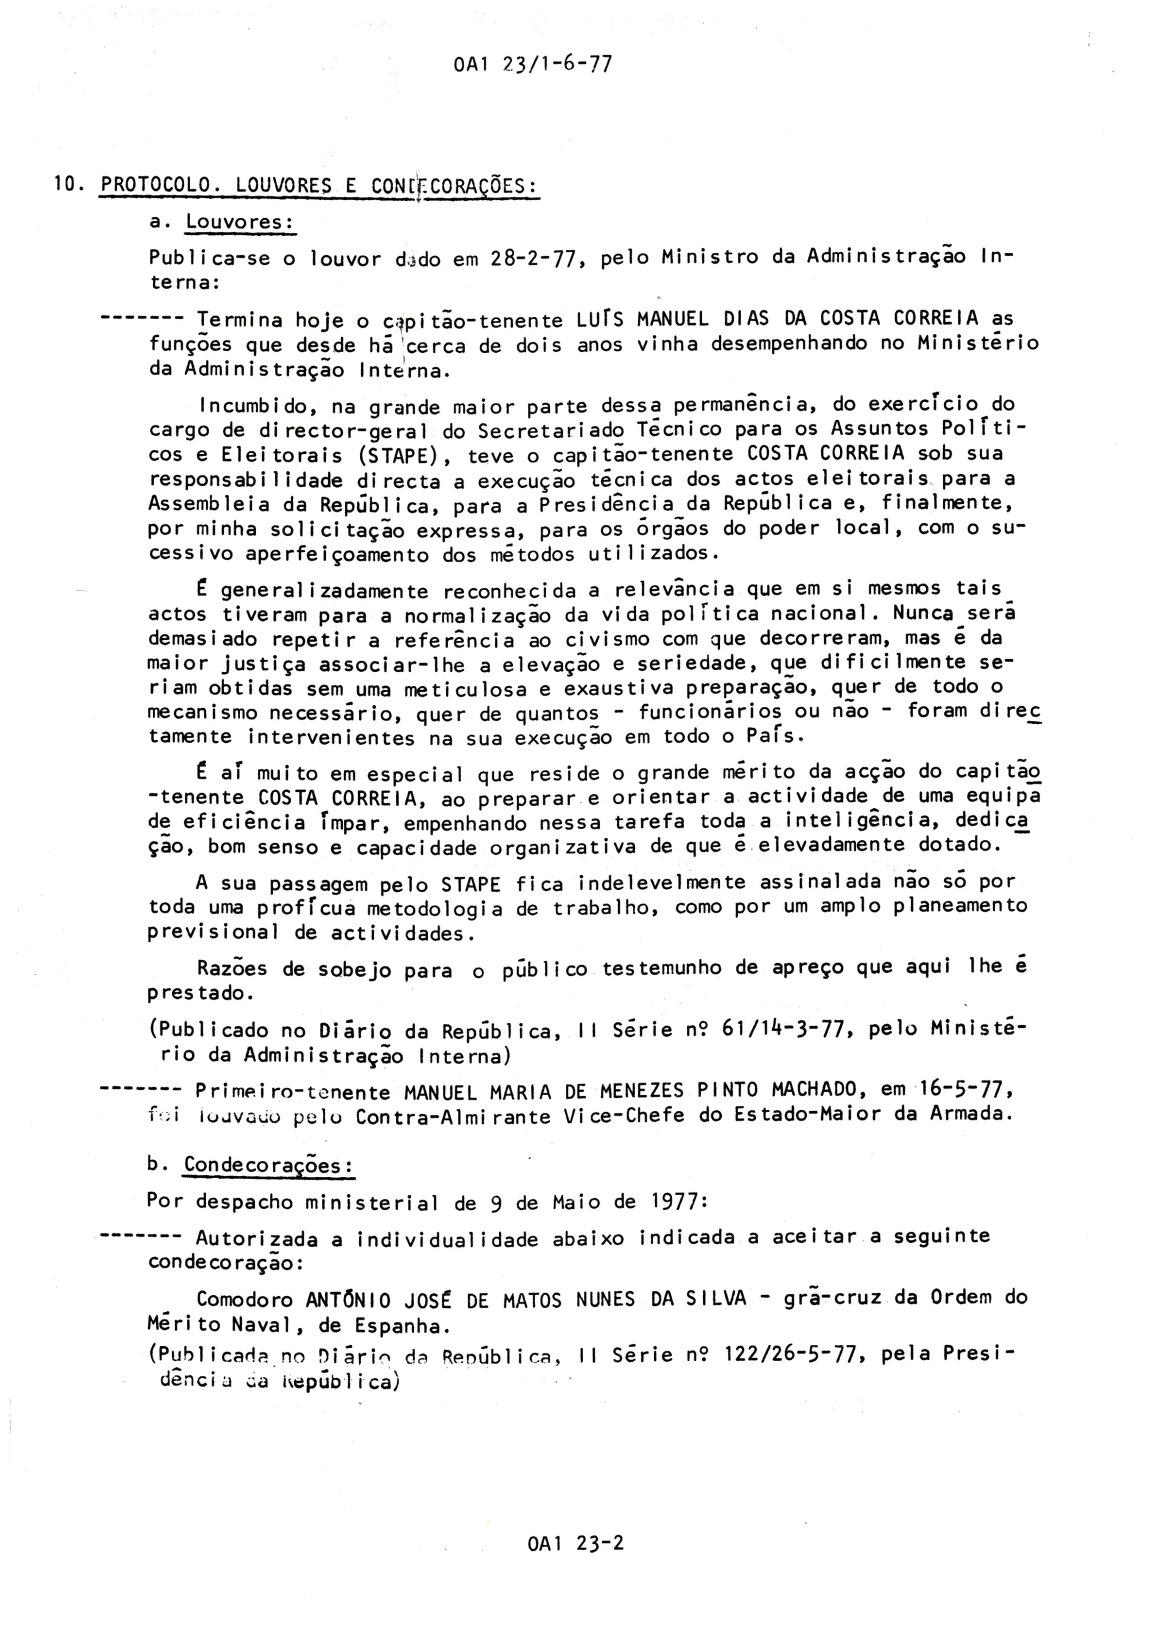 00810 977-05-09 autorizado aceitar a condecoração espanhola por Desp ministerial de 9-5-77 publicado no DR_20101113235512431